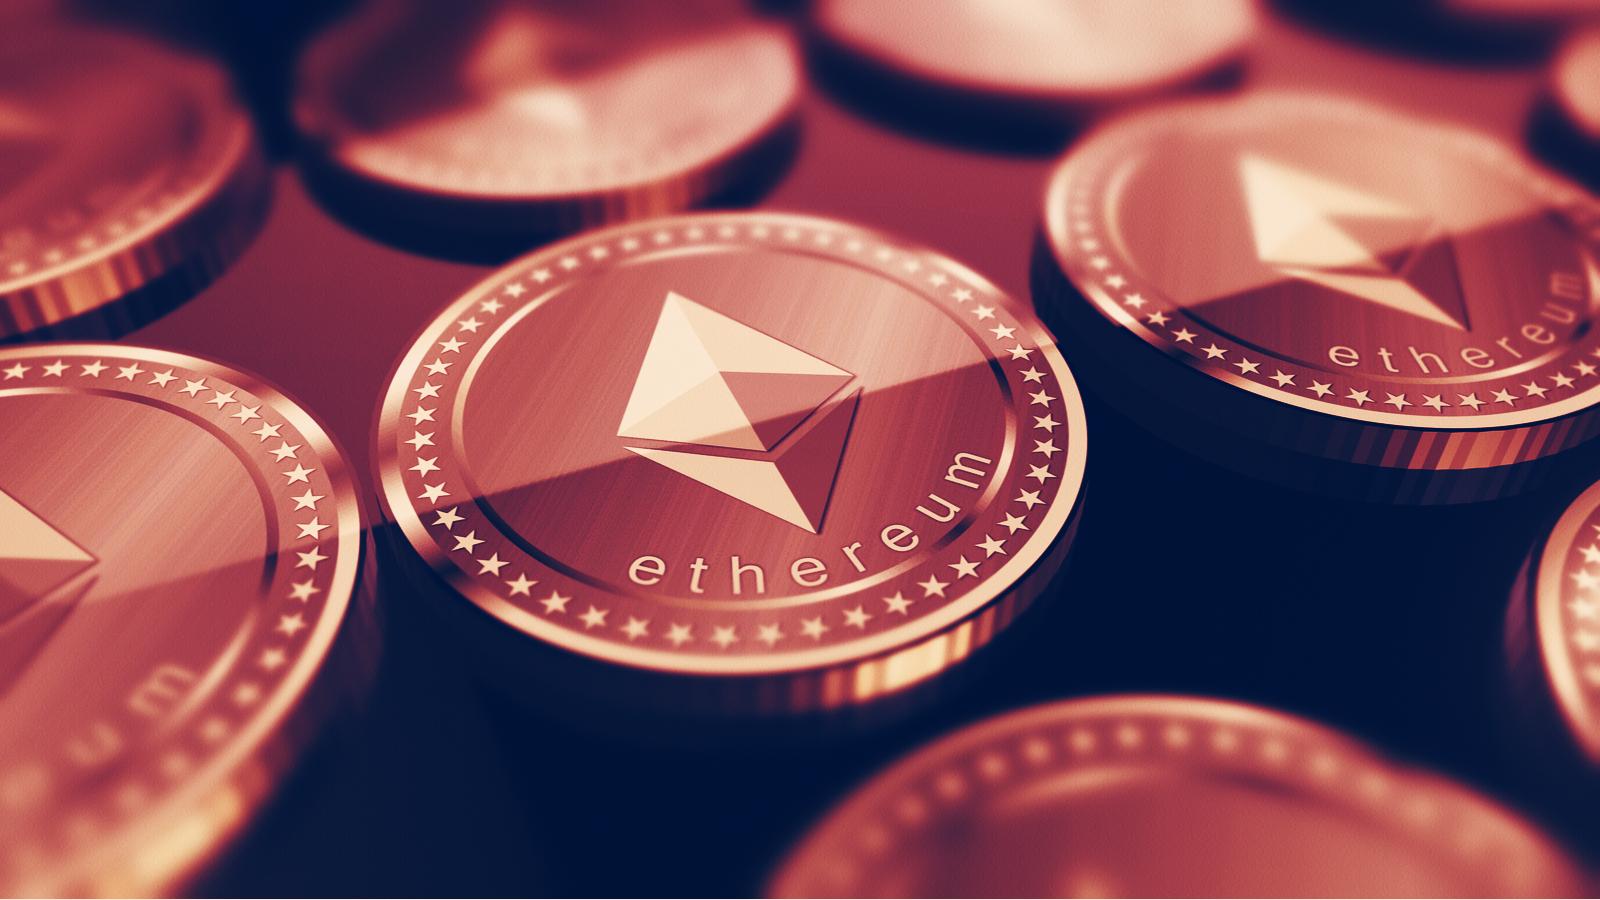 Τα υπόλοιπα ETH στα χρηματιστήρια έφτασαν στο χαμηλό των 20 μηνών, καθώς το Ethereum διατηρούσε πάνω από 2K $